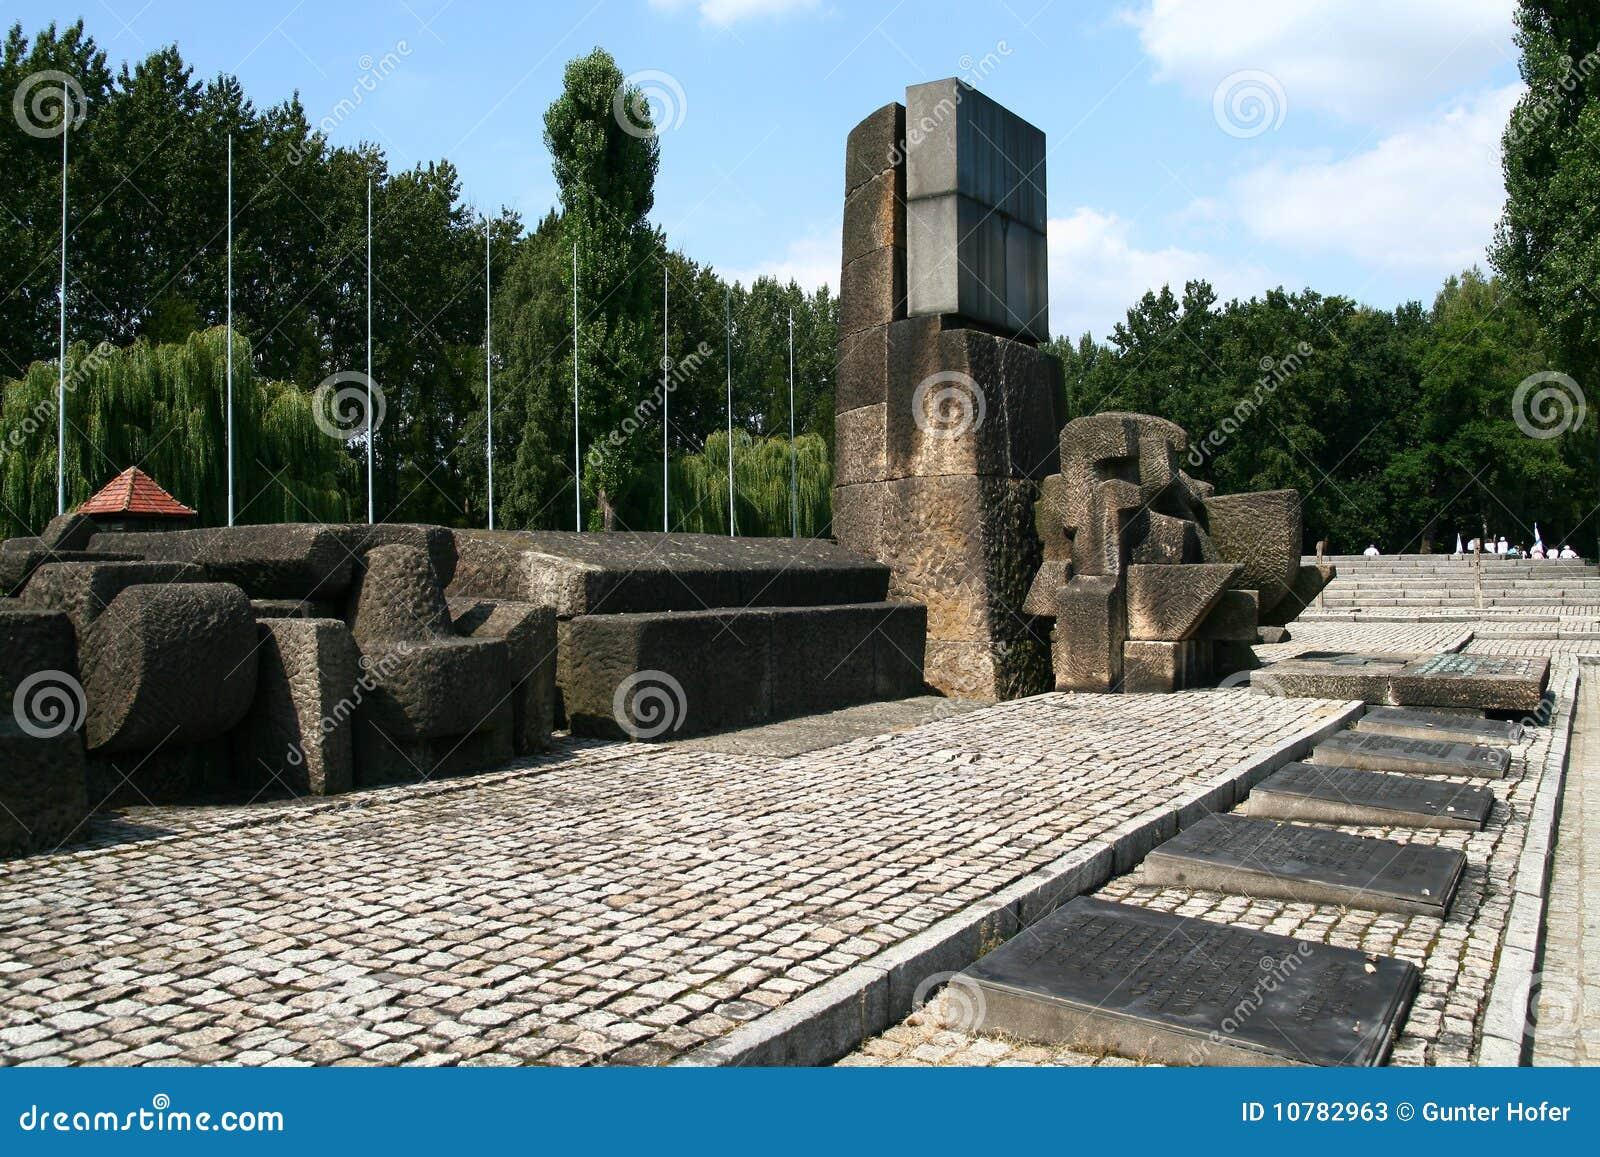 De herdenkingsplaats van Auschwitz